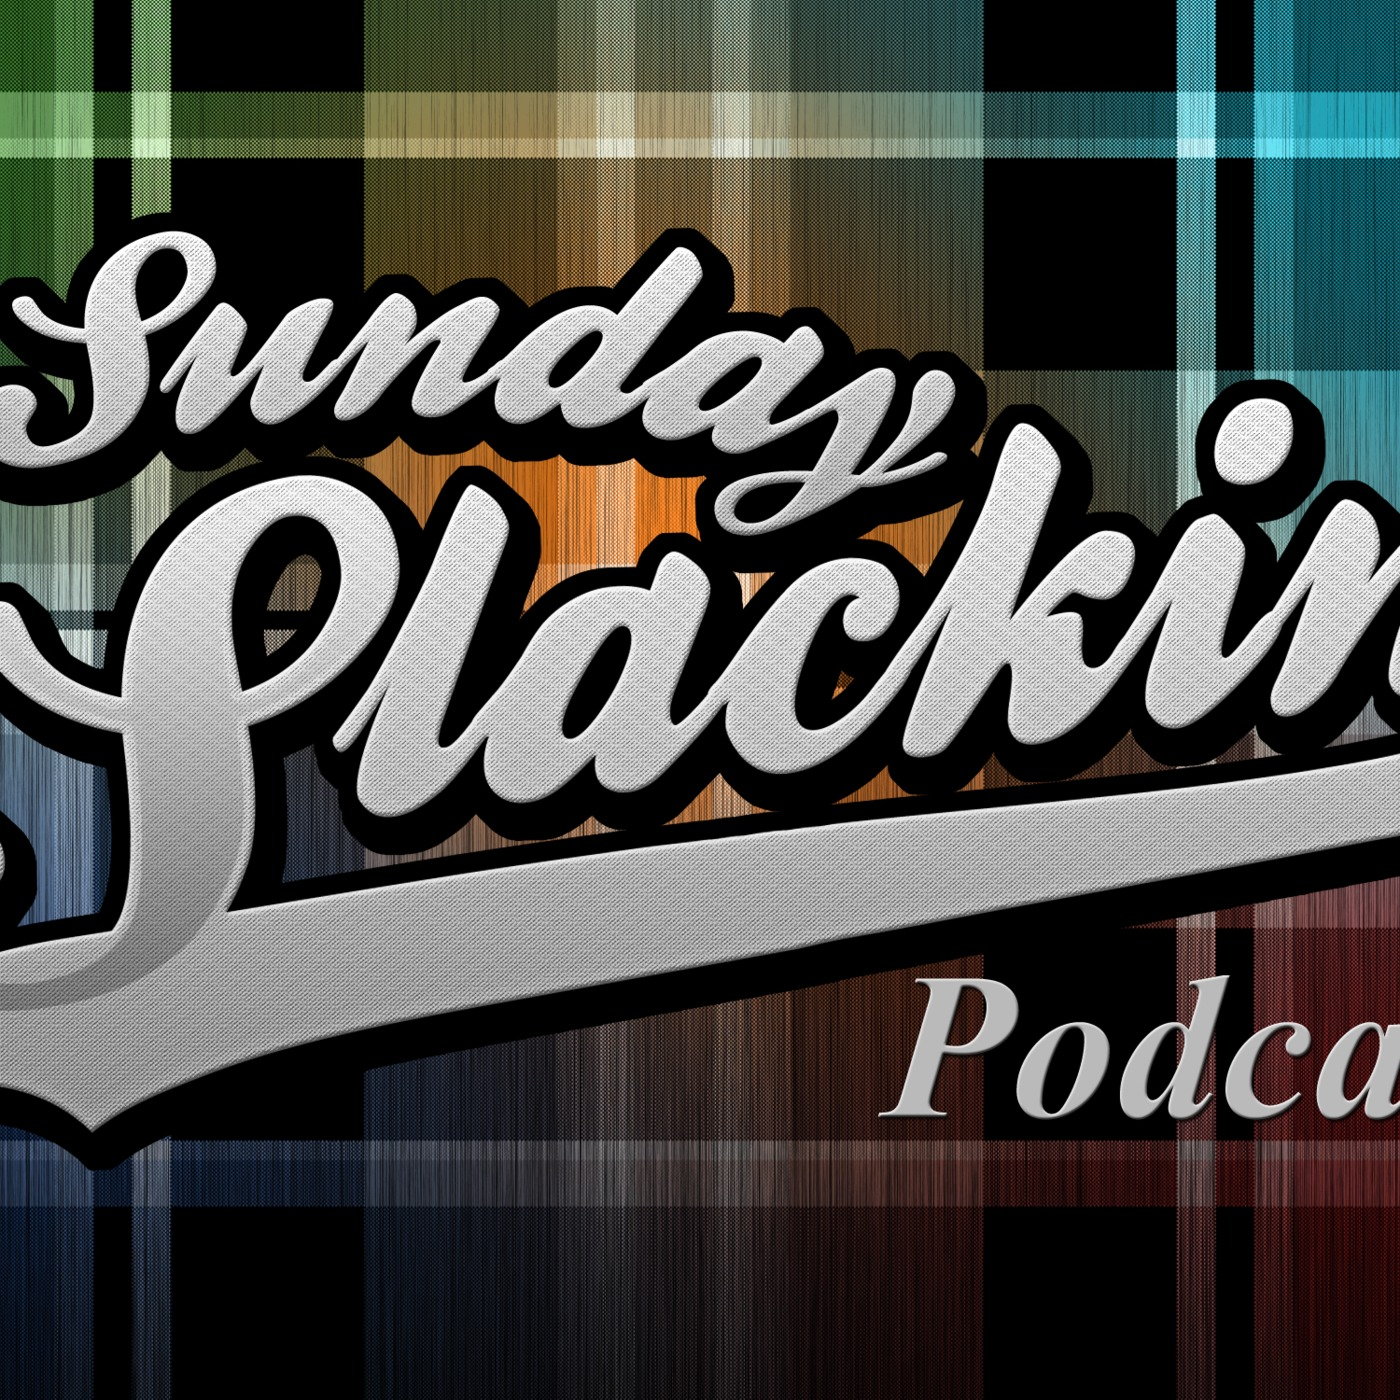 Sunday Slackin